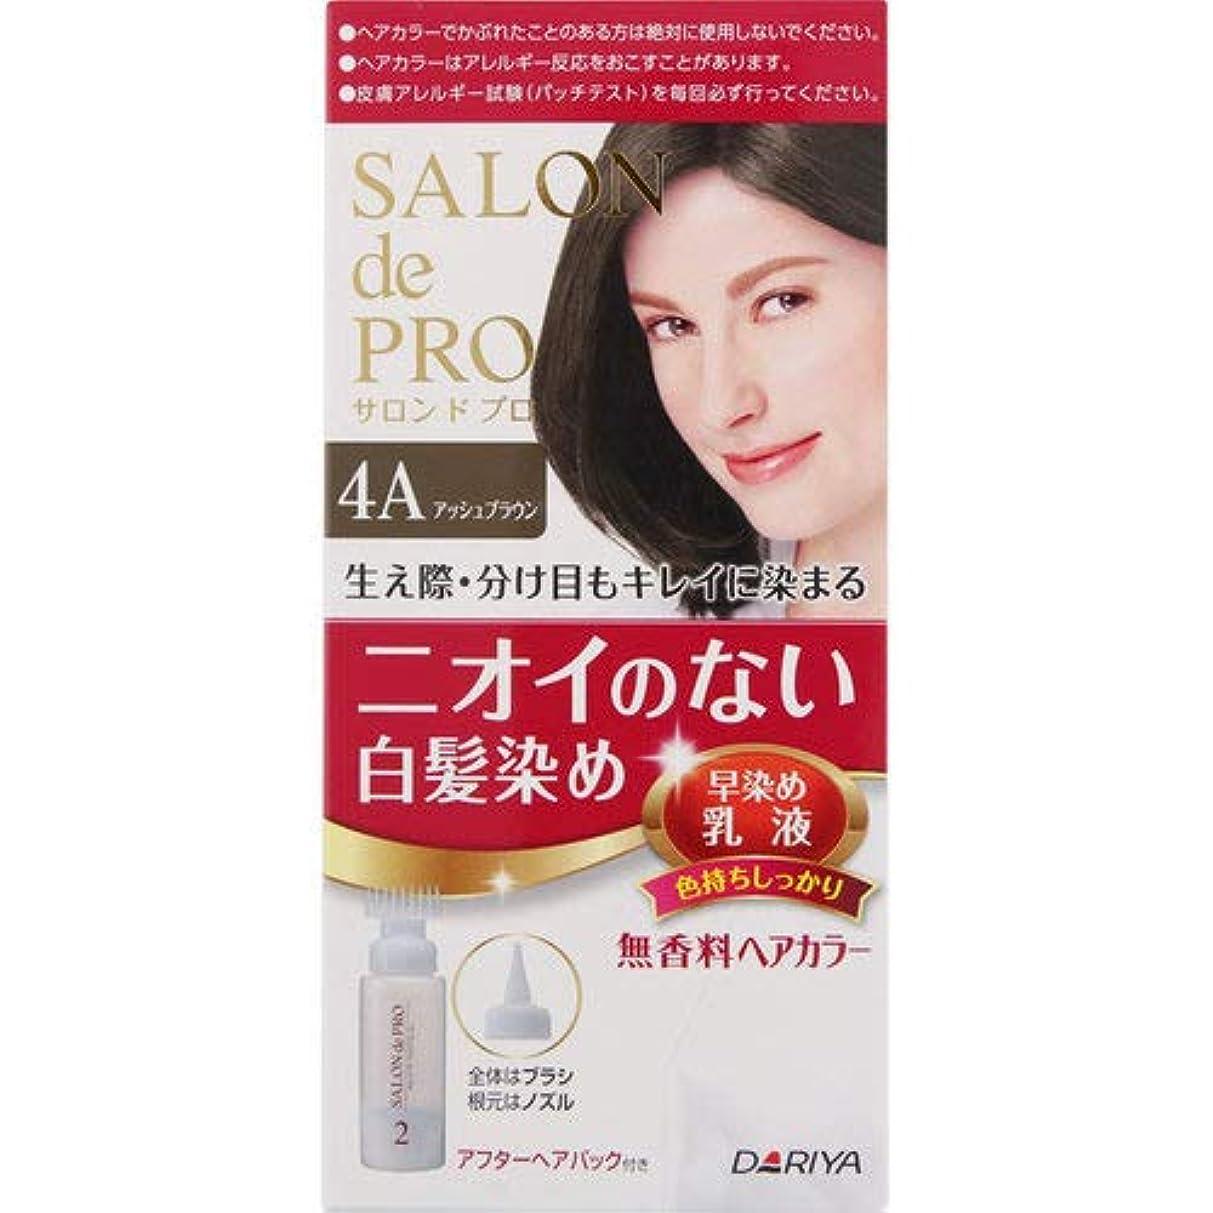 配管インデックスエイズサロンドプロ無香料ヘアカラー早染め乳液4A(アッシュブラウン)